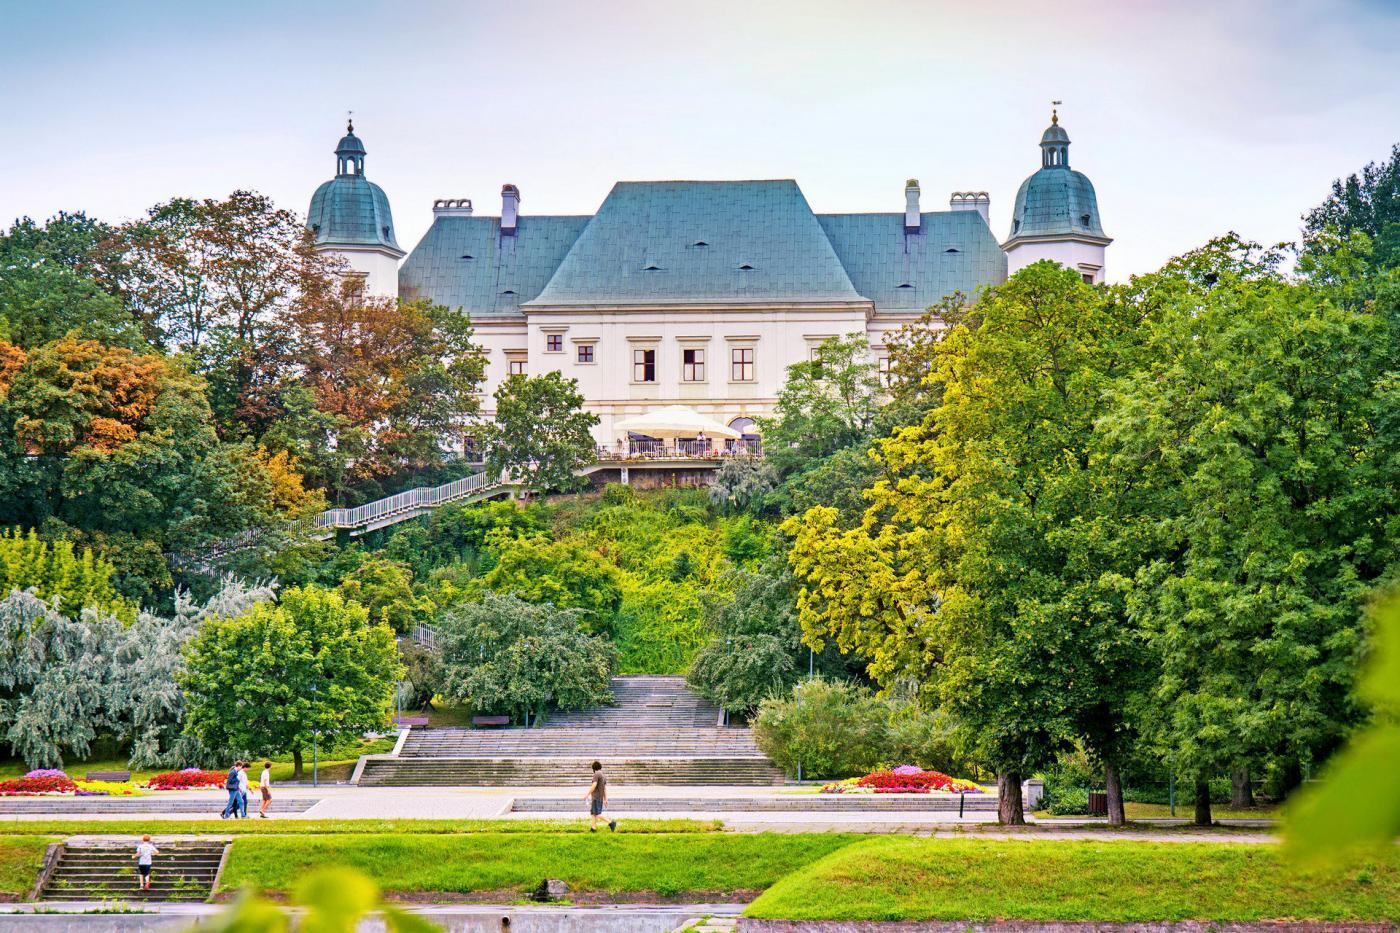 Zamek Ujazdowski wWarszawie – twierdza, szpital i centrum sztuki